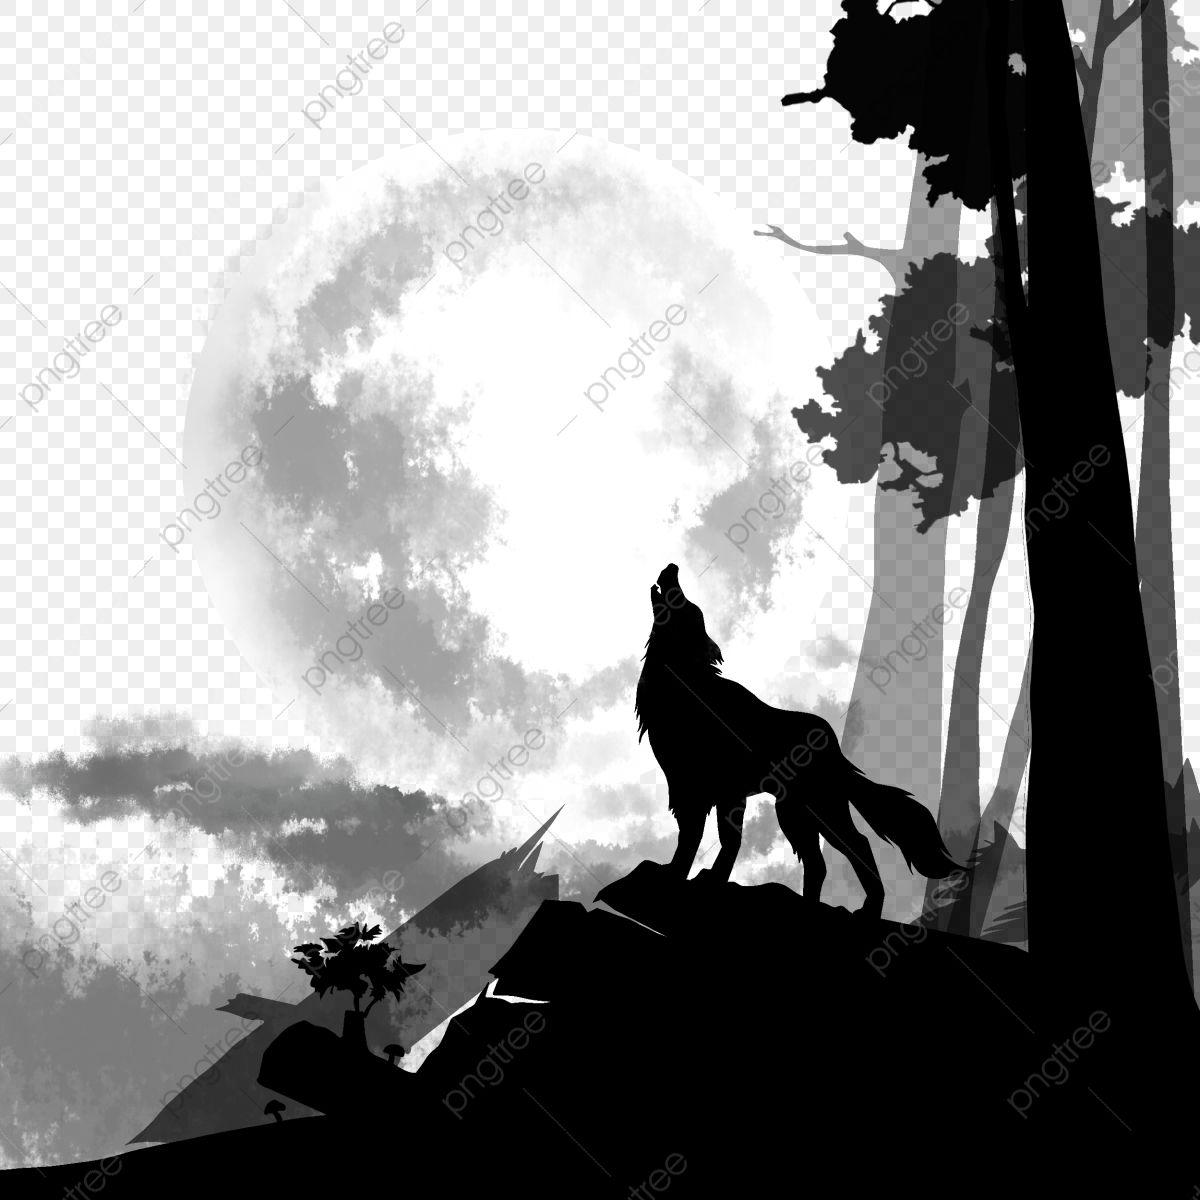 Gambar Serigala Hitam Melolong Di Atas Gunung Mengaum Serigala Malam Png Transparan Clipart Dan File Psd Untuk Unduh Gratis Serigala Hitam Gambar Serigala Serigala Melolong